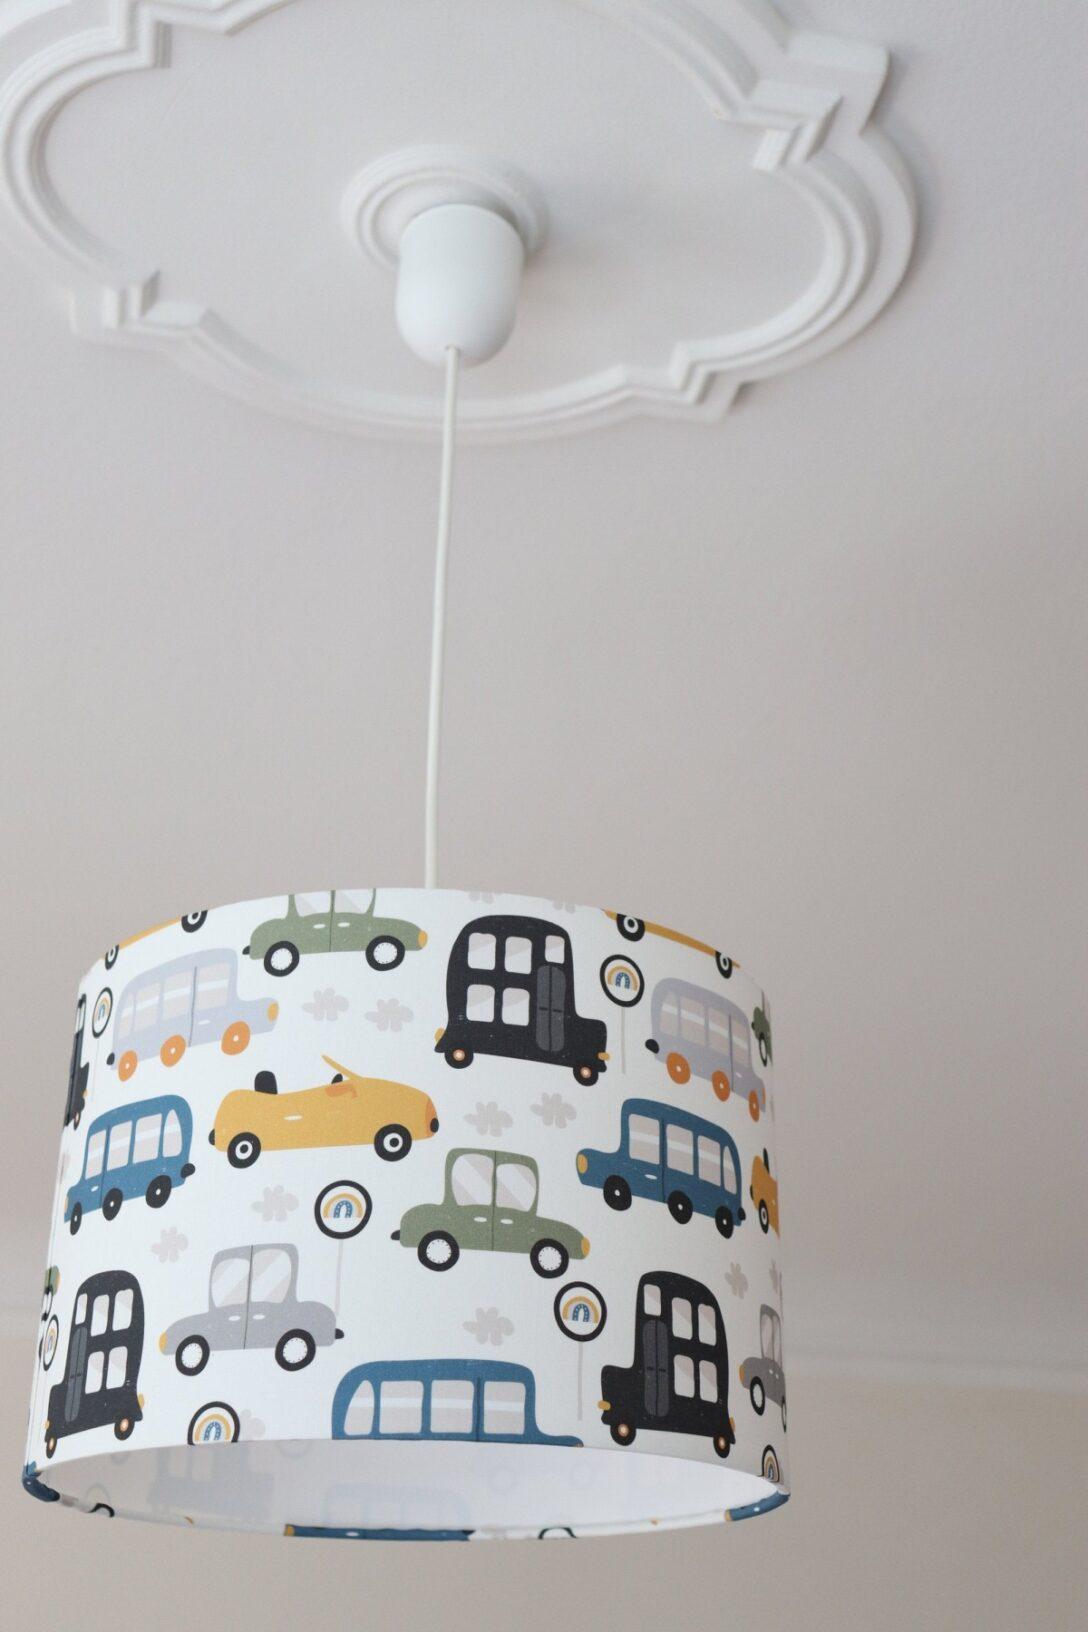 Large Size of Lampen Für Kinderzimmer Lampe Autos Online Shop Klabauterlampen Deckenlampen Wohnzimmer Laminat Fürs Bad Regale Sofa Regal Dachschräge Spiegelschränke Kinderzimmer Lampen Für Kinderzimmer